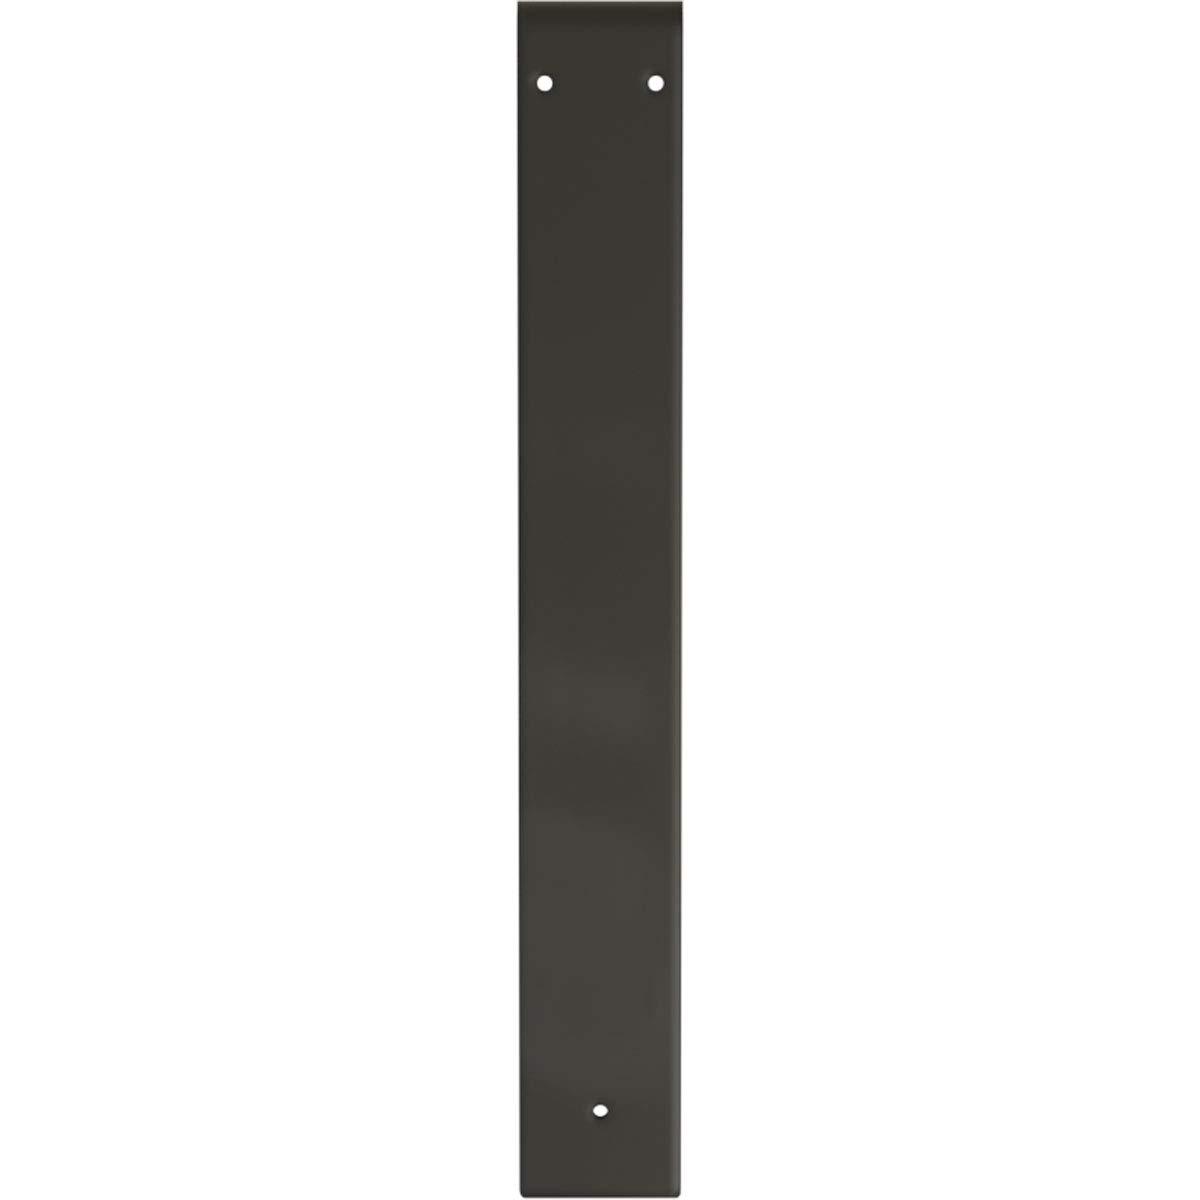 3W x 22D x 22H Powder Coated Black Ekena Millwork BKTM03X22X22MOPBL Steel Bracket